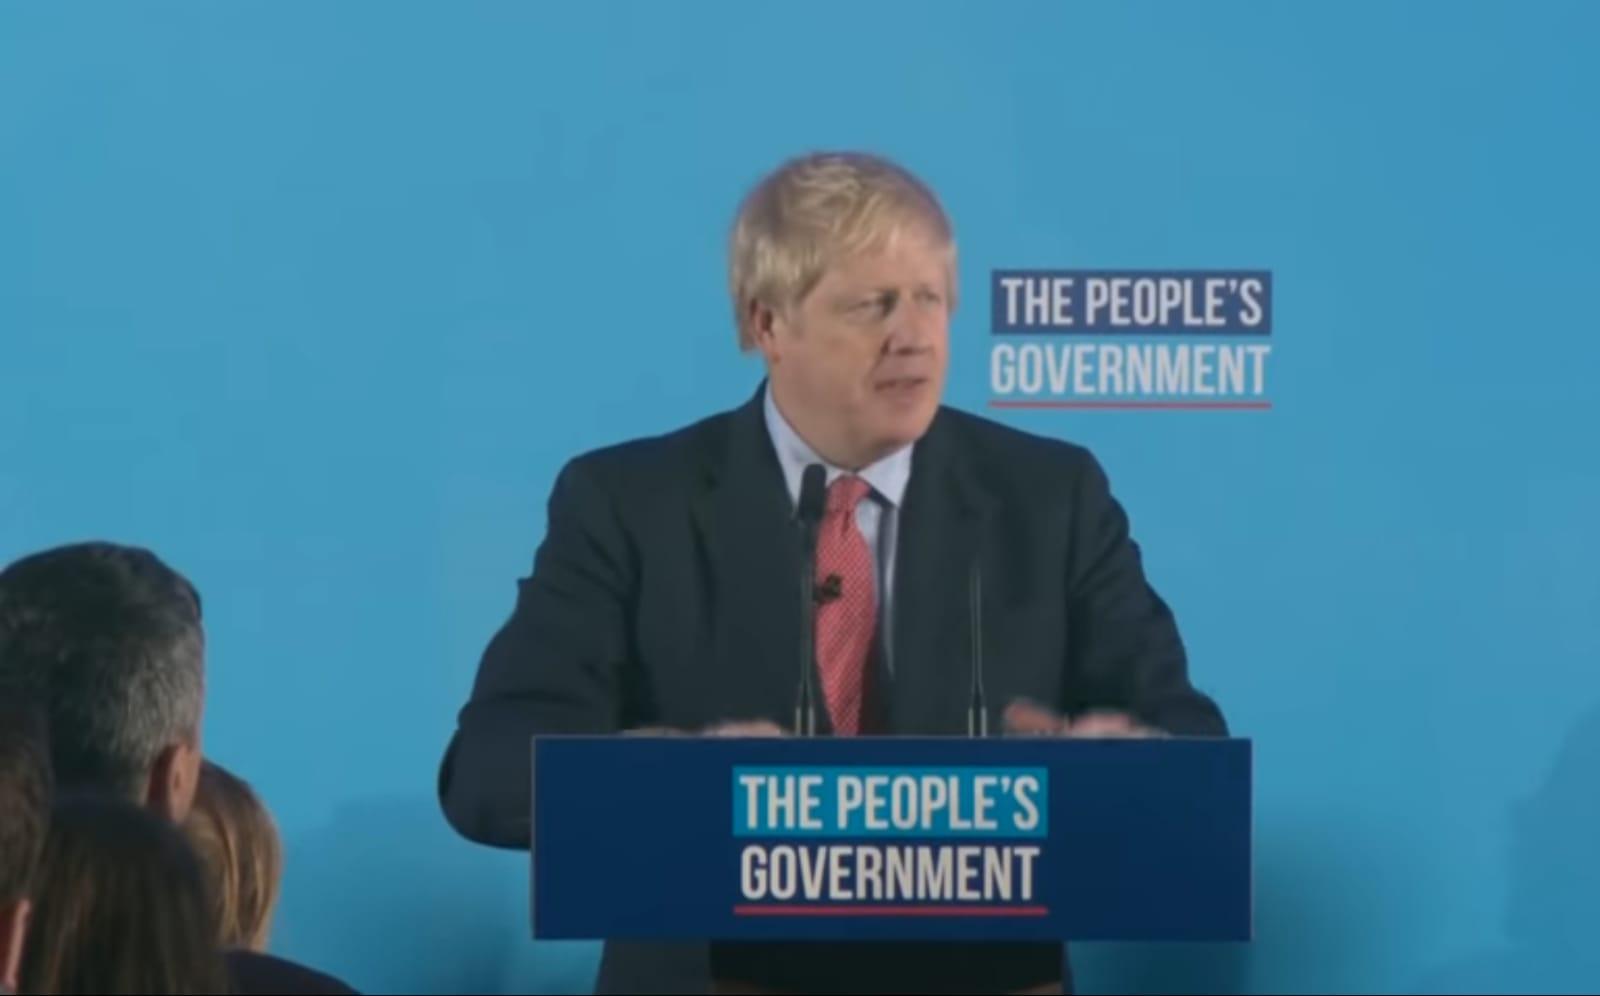 """Boris Johnson obtient un mandat record pour son """"Let's get Brexit done"""" et la permission de la reine pour former son """"people's government"""""""